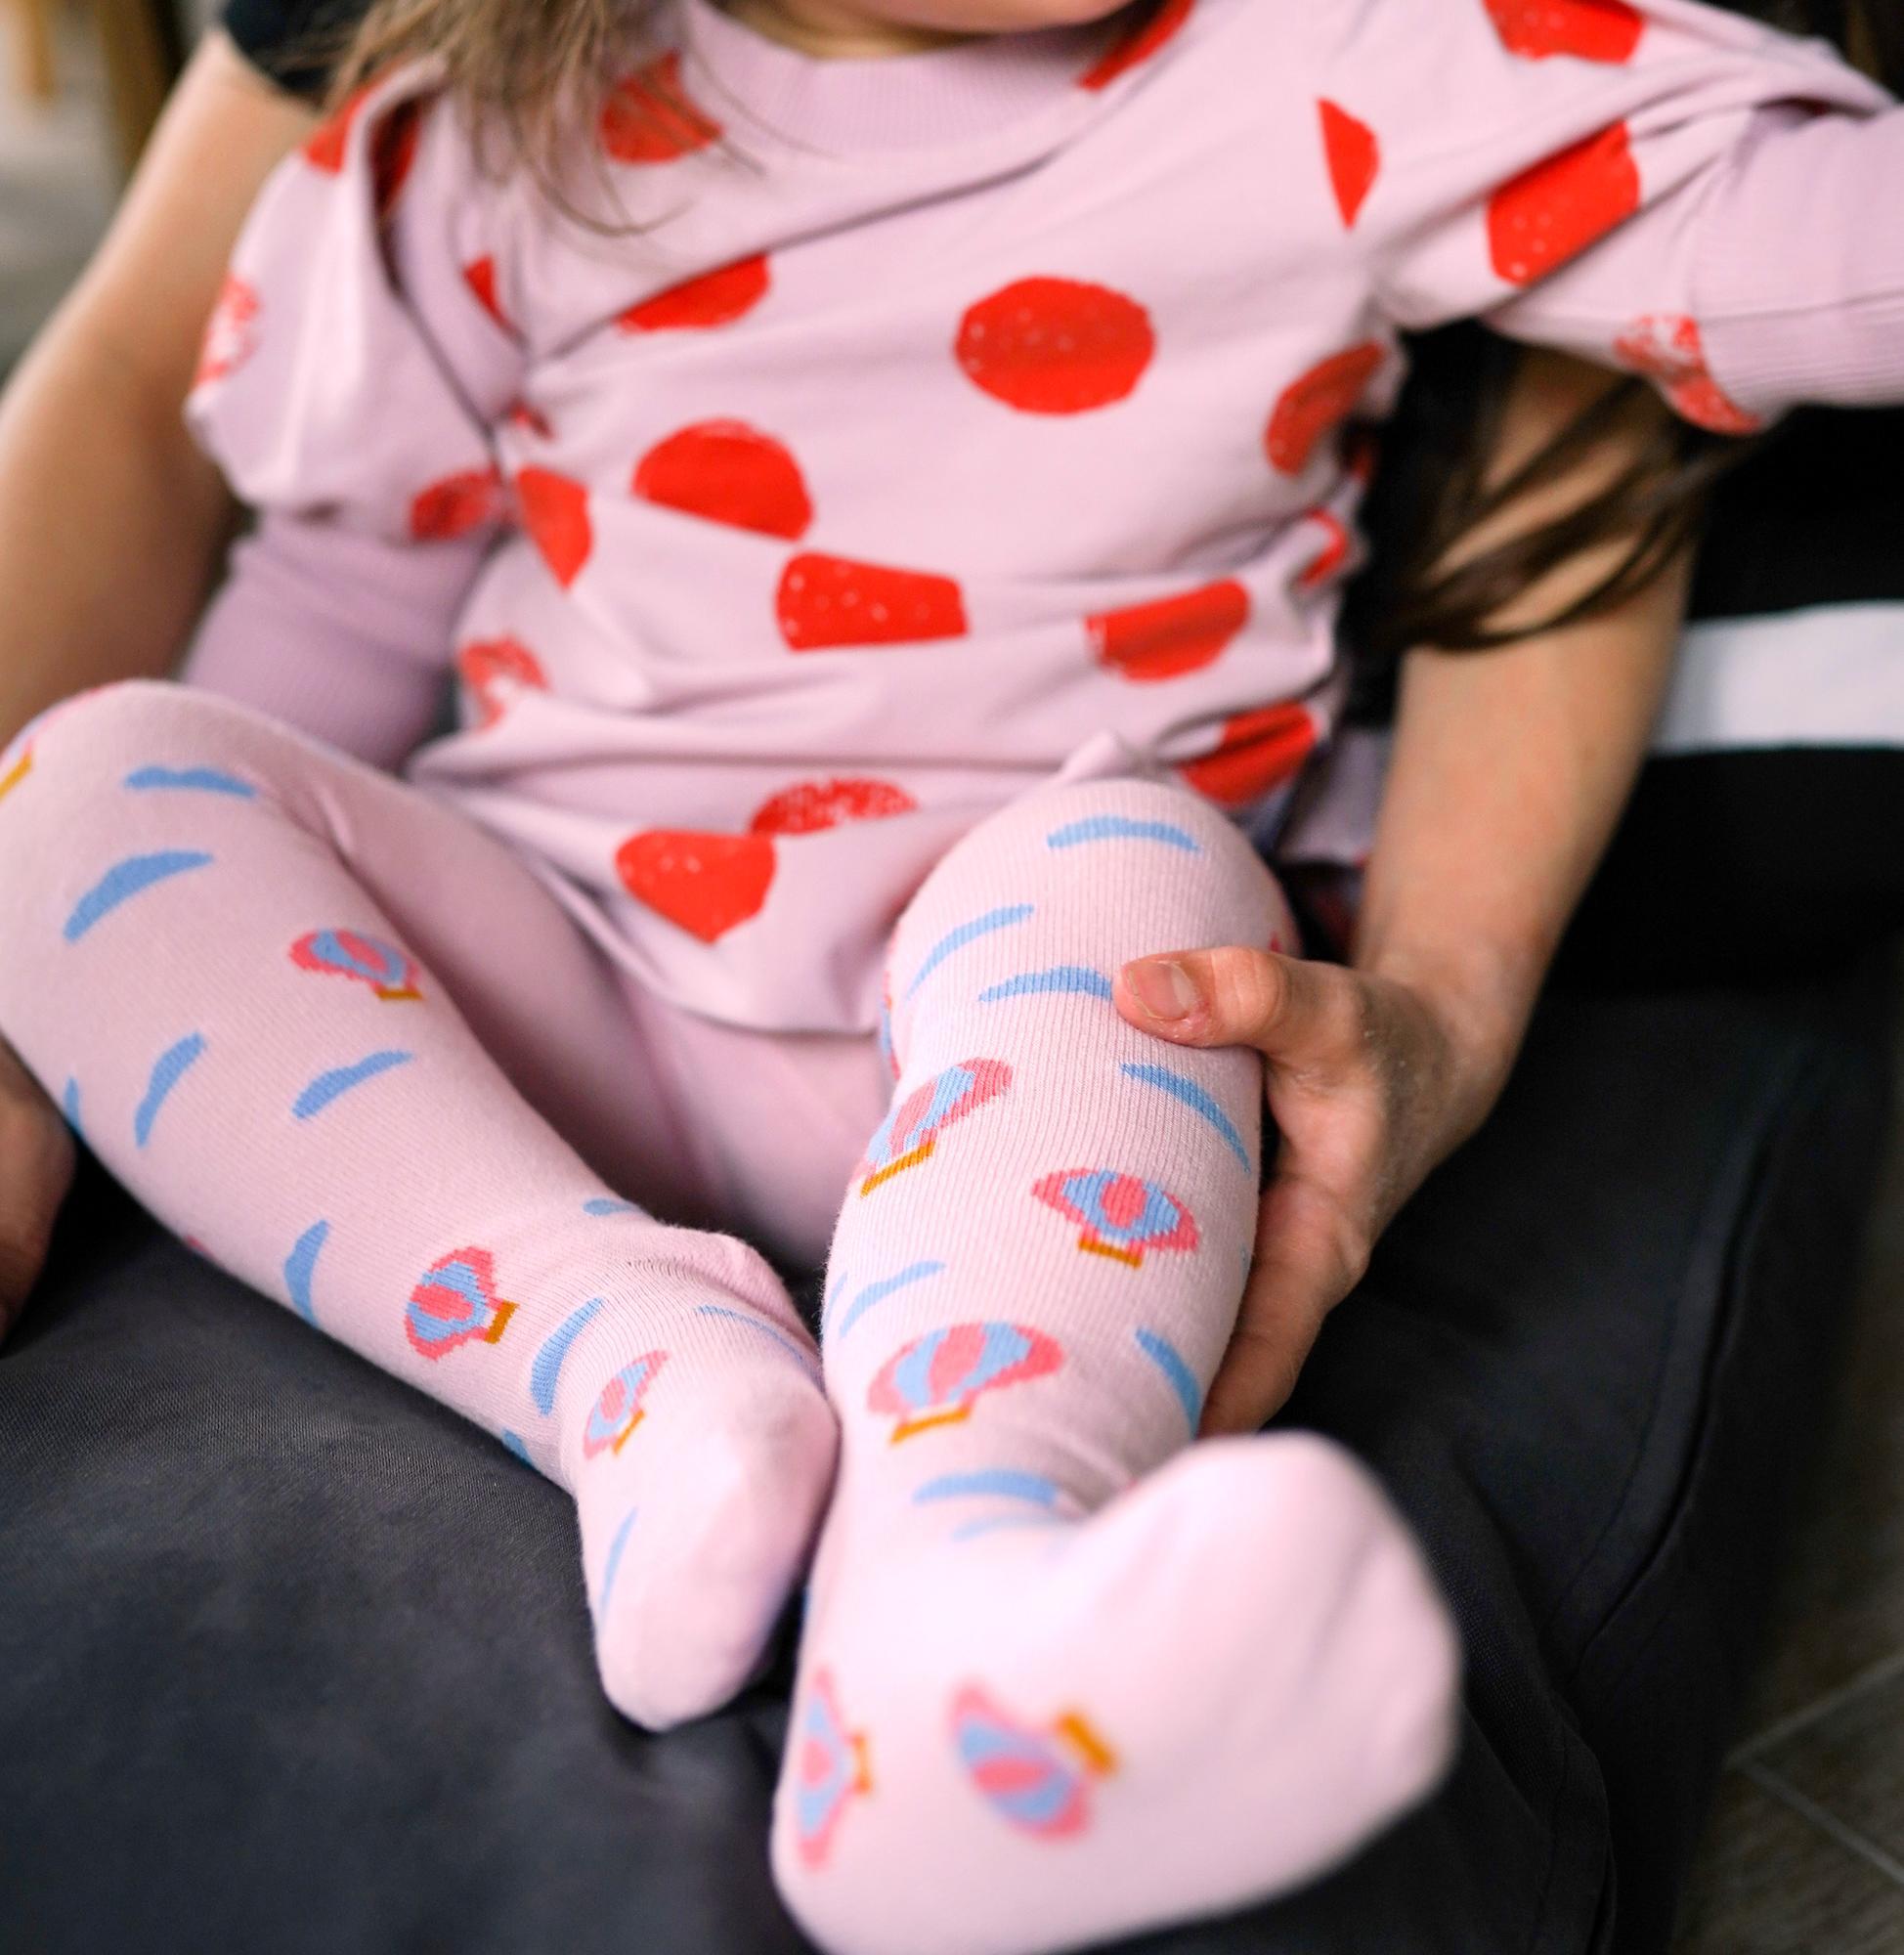 Dziecięce bawełniane rajstopy w kolorze różowym w balonyPoznaj kolorowe rajstopy marki Faves. Socks & Friends i dodaj swoim stylizacjom odrobinę szaleństwa. Bawełna stosowana w rajstopkach posiada certyfikat OEKO TEX, który stanowi gwarancję bezpieczeństwa dla skóry.Skład skarpet: 80% bawełny czesanej / 15% poliamidu / 5% elastanuMade in Poland. – produkty są zarówno projektowane jak i produkowane wyłącznie w Polsce.